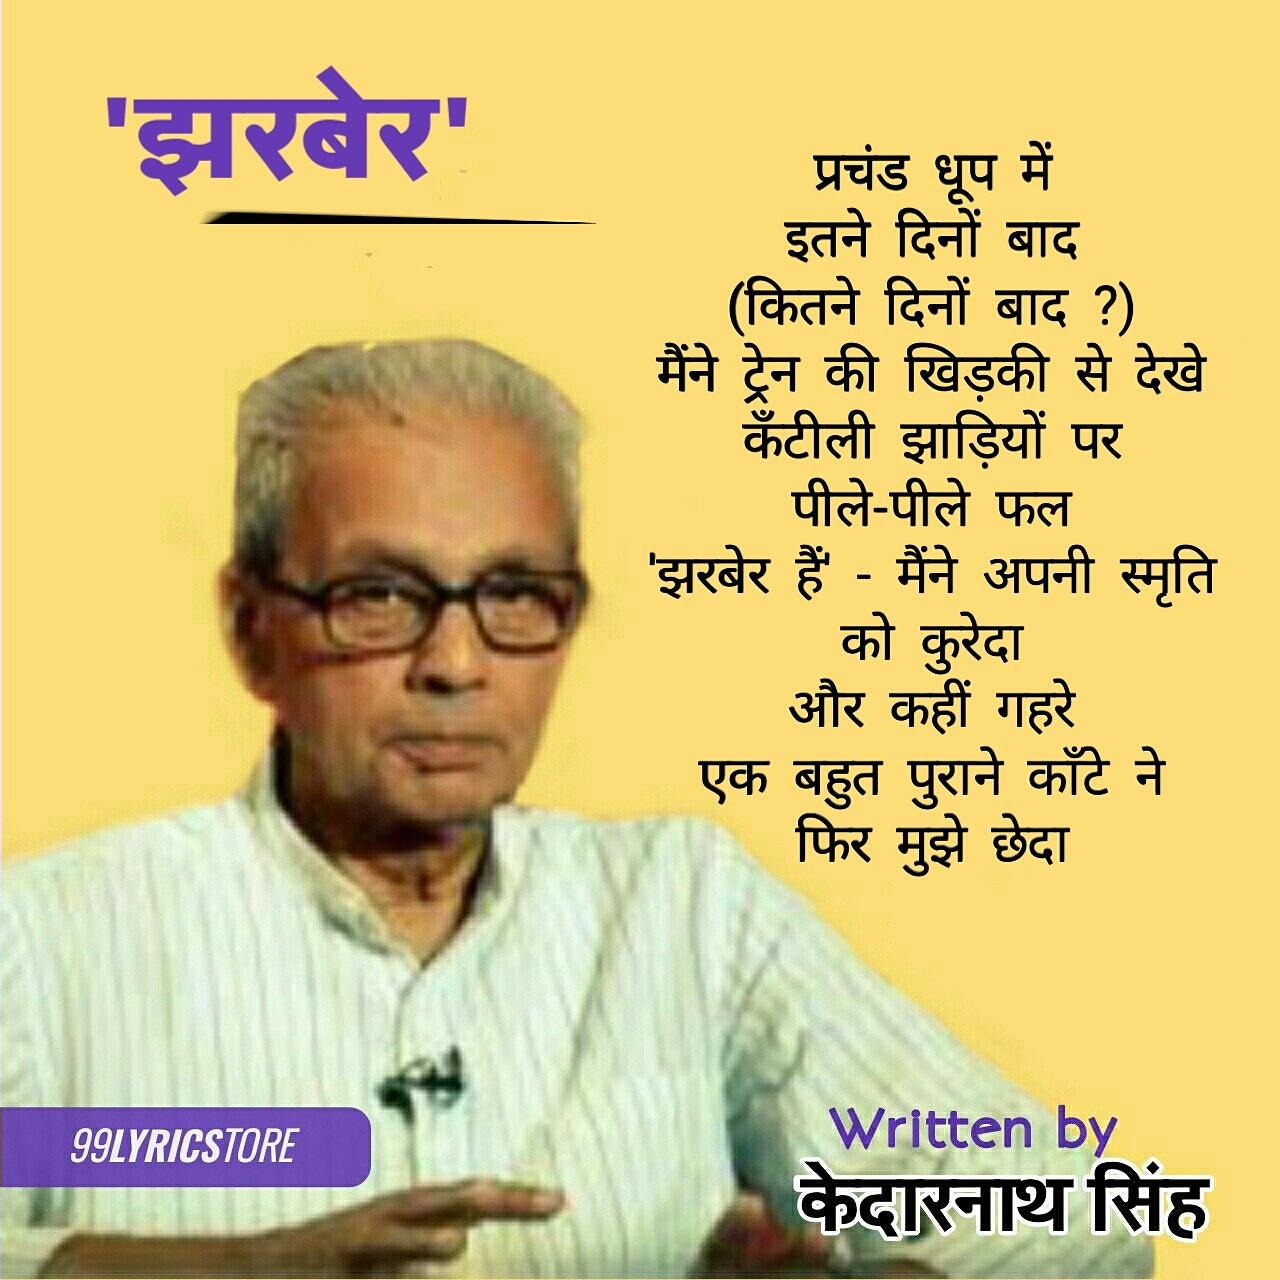 'झरबेर' कविता केदारनाथ सिंह जी द्वारा लिखी गई एक हिन्दी कविता है। कविता-संग्रह 'यहां से देखो' सन् 1983 में प्रकाशित हुई जिसमें यह कविता 'झरबेर' भी सम्मिलित हैं। इस कविता में केदार जी ट्रेन की खिड़की से झरबेर के पेड़ों को देख कर अपनी कुछ स्मृतियो को ताजा करते हैं।